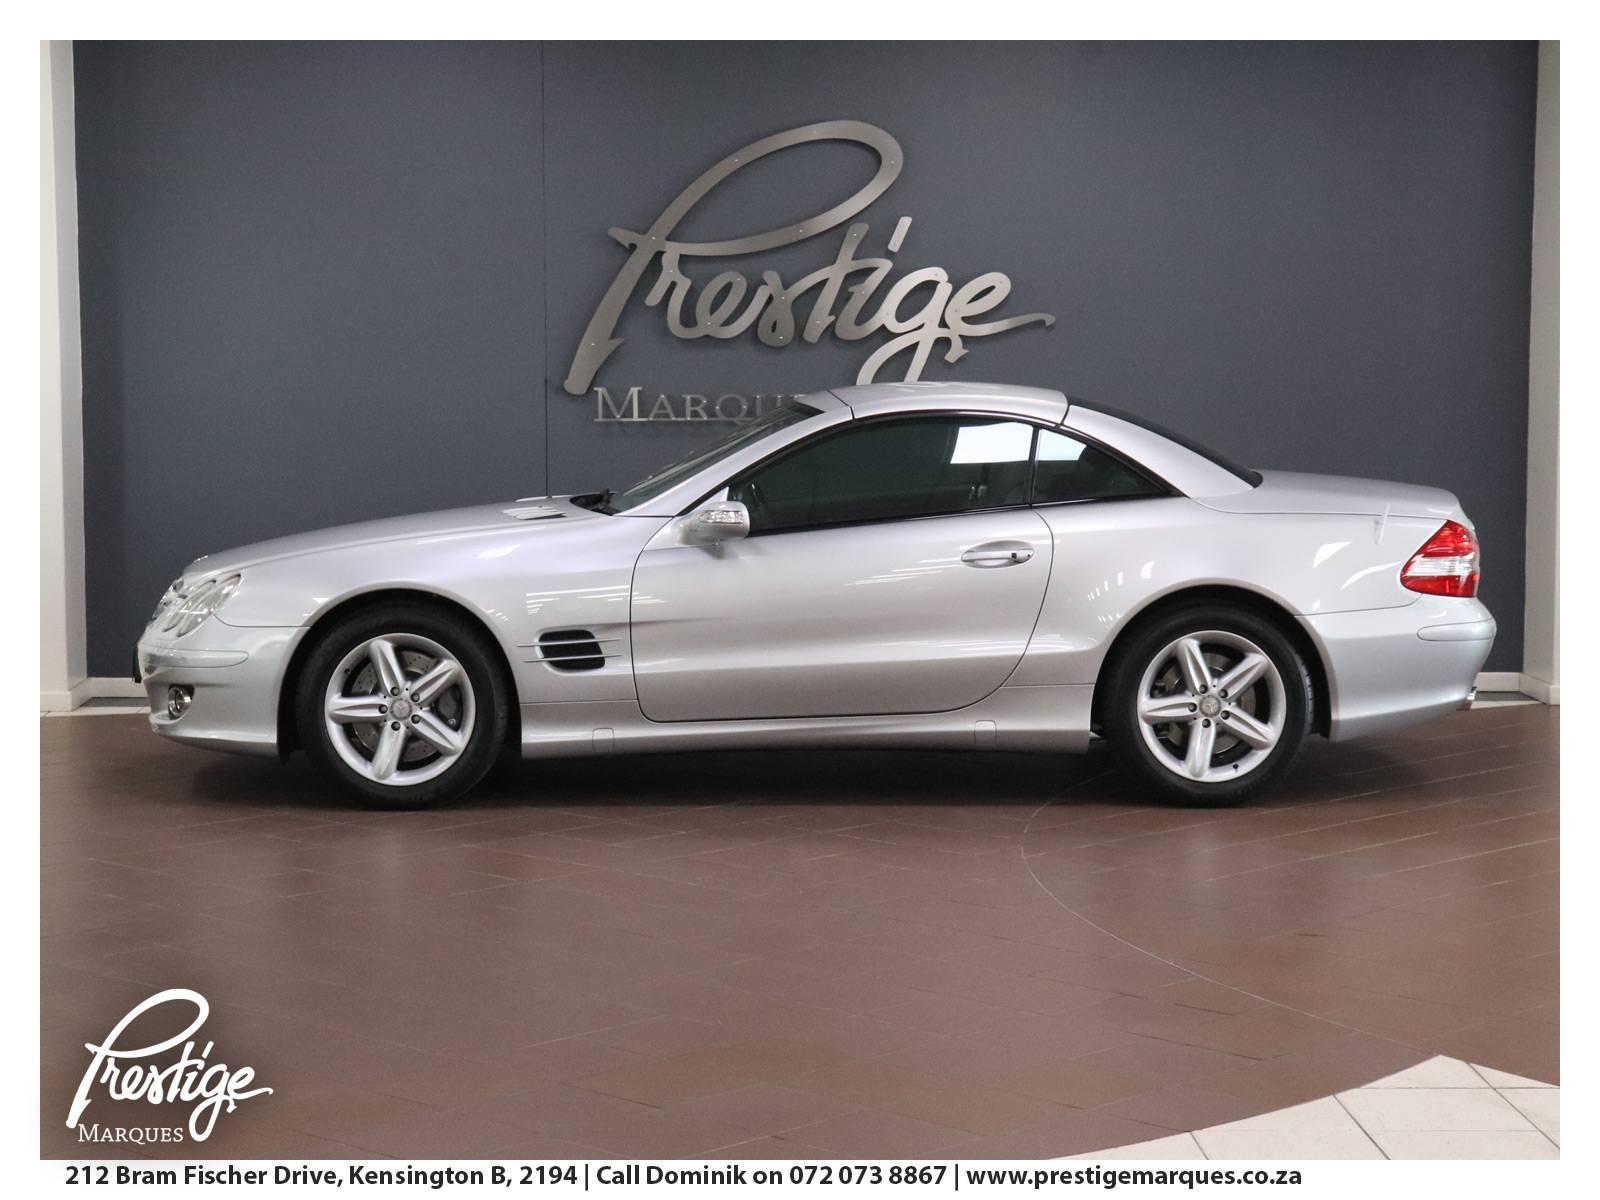 2007-Mercedes-benz-sl500-203-facelift-Prestige-Marques-Randburg-Sandton-9